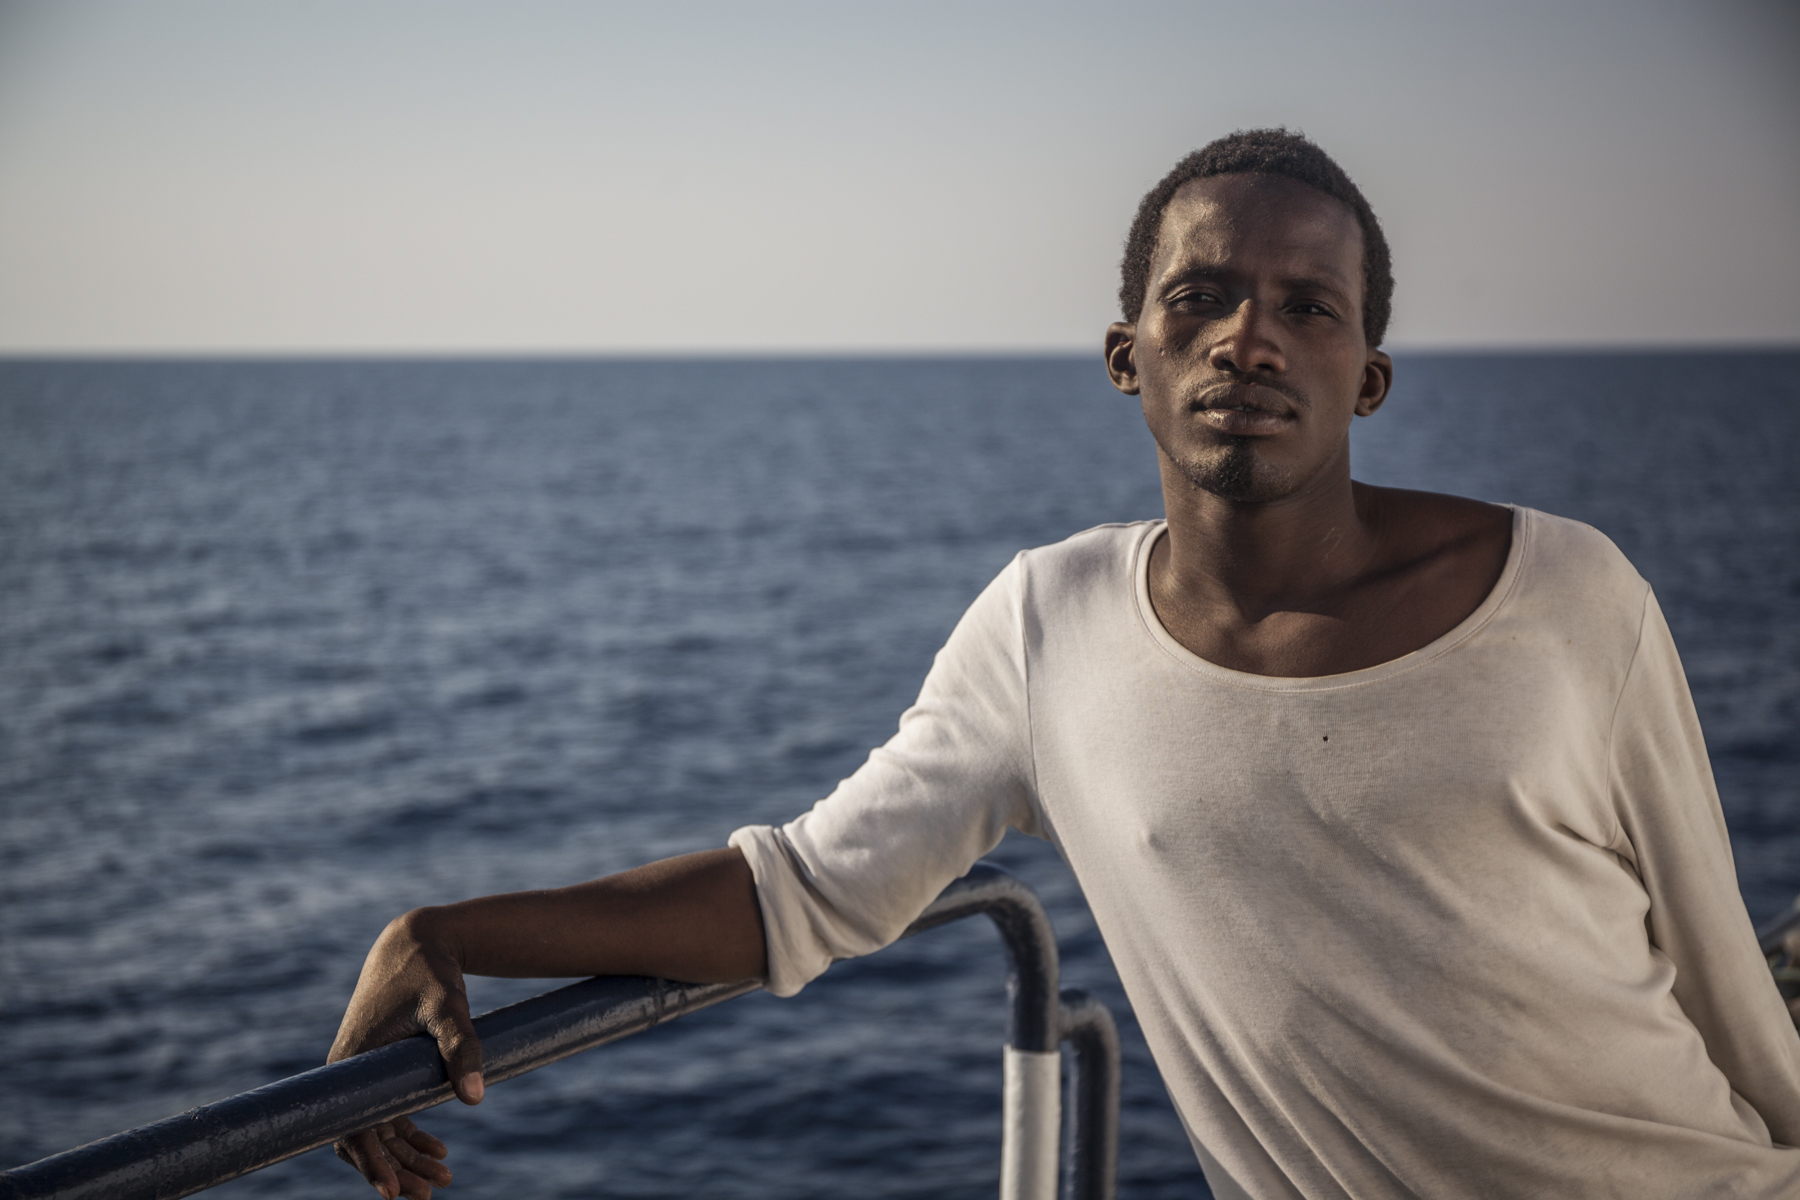 محمد الأمين على متن سفينة الإنقاذ فينيكس (جيسون فلوريو/محطة المساعدة البحرية للمهاجرين/إيرين)